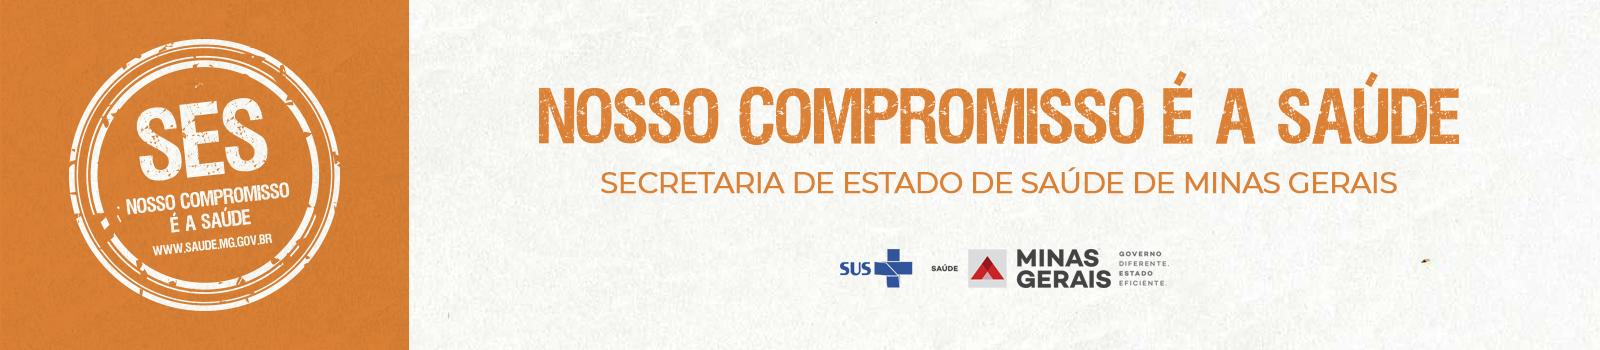 2019 - Nosso compromisso é a saúde